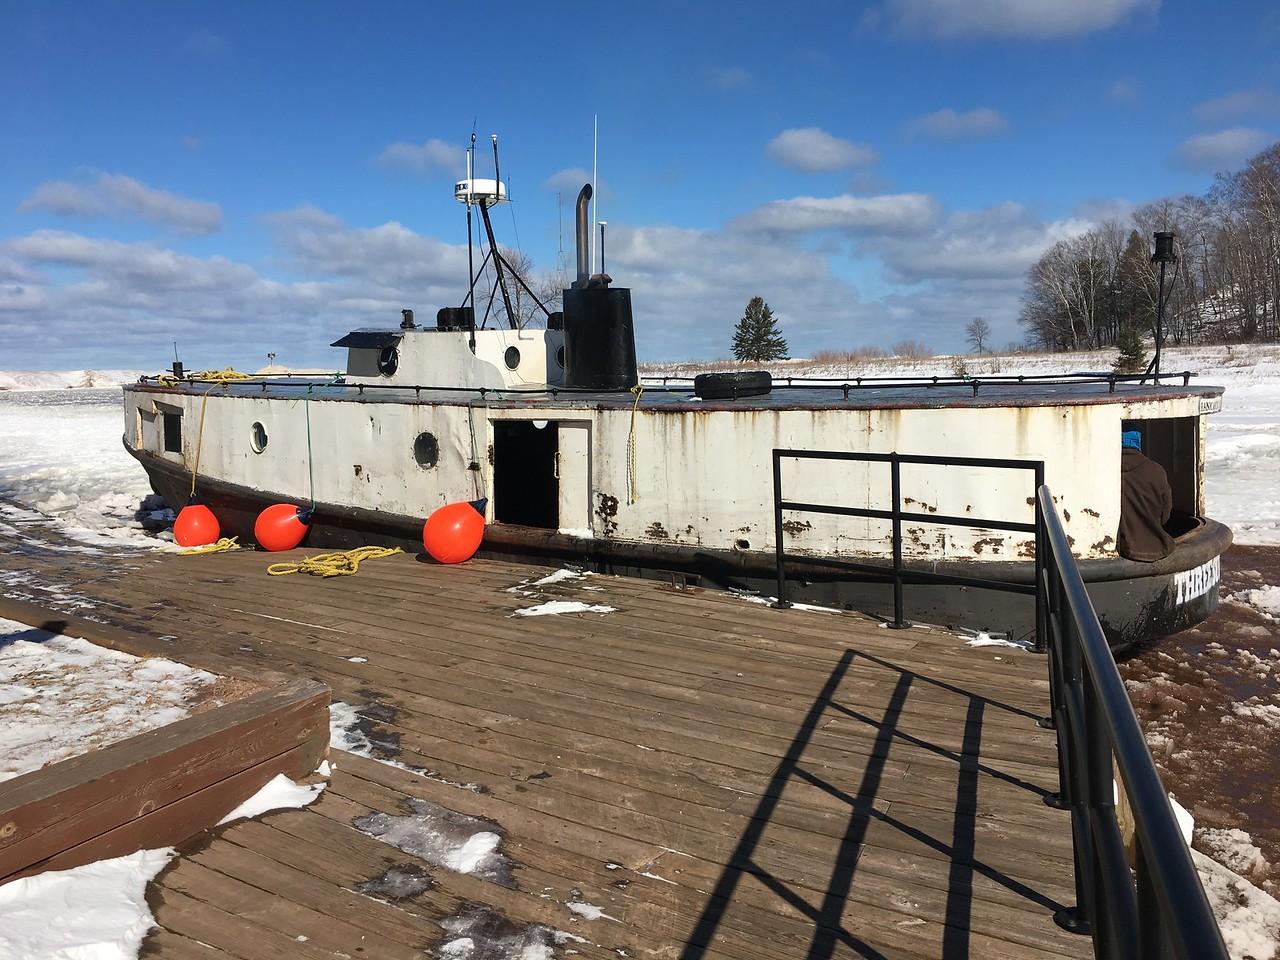 BOAT STUCK IN ICE AT BLACK RIVER HARBOR